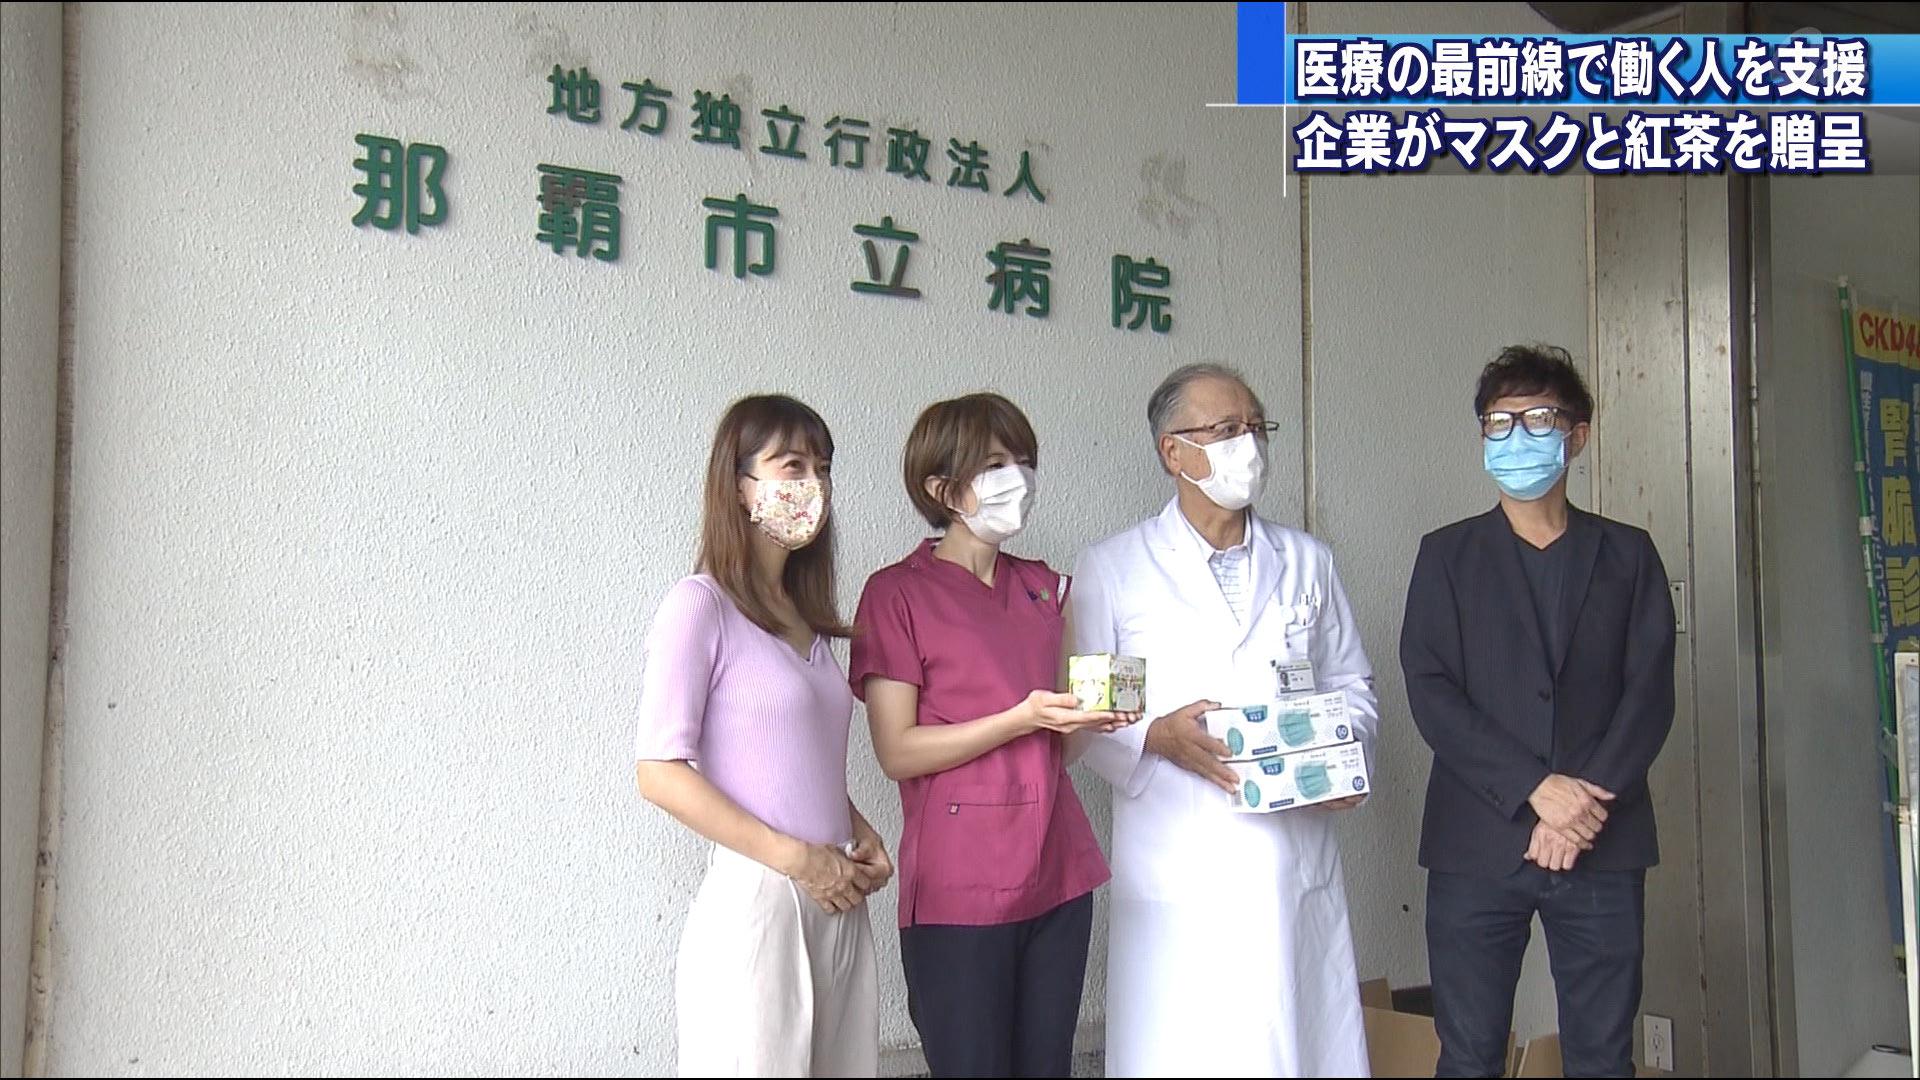 最前線で働く人たちへ マスクと紅茶を贈呈